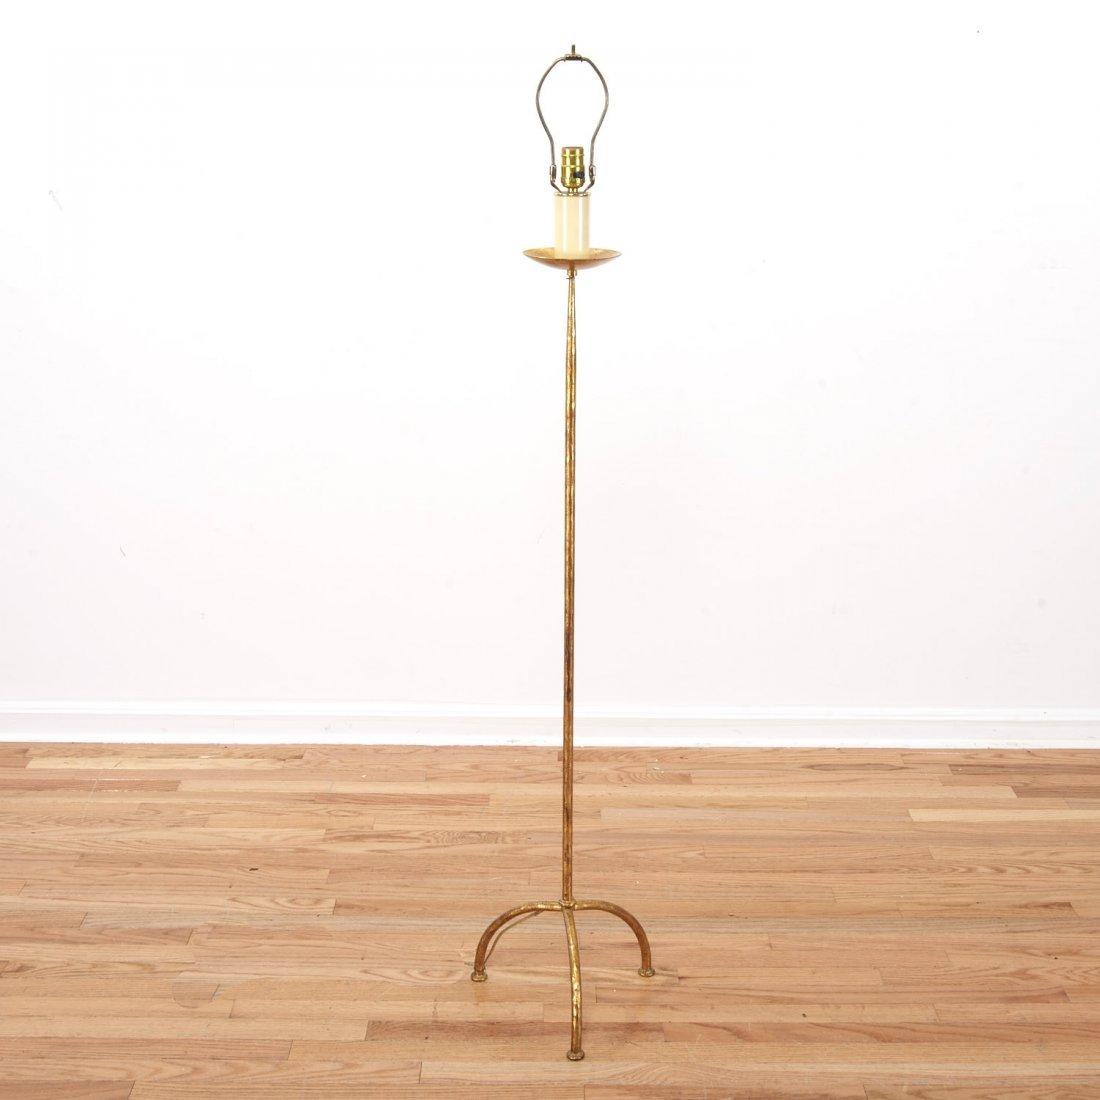 Manner Felix Agostini gilt bronze floor lamp